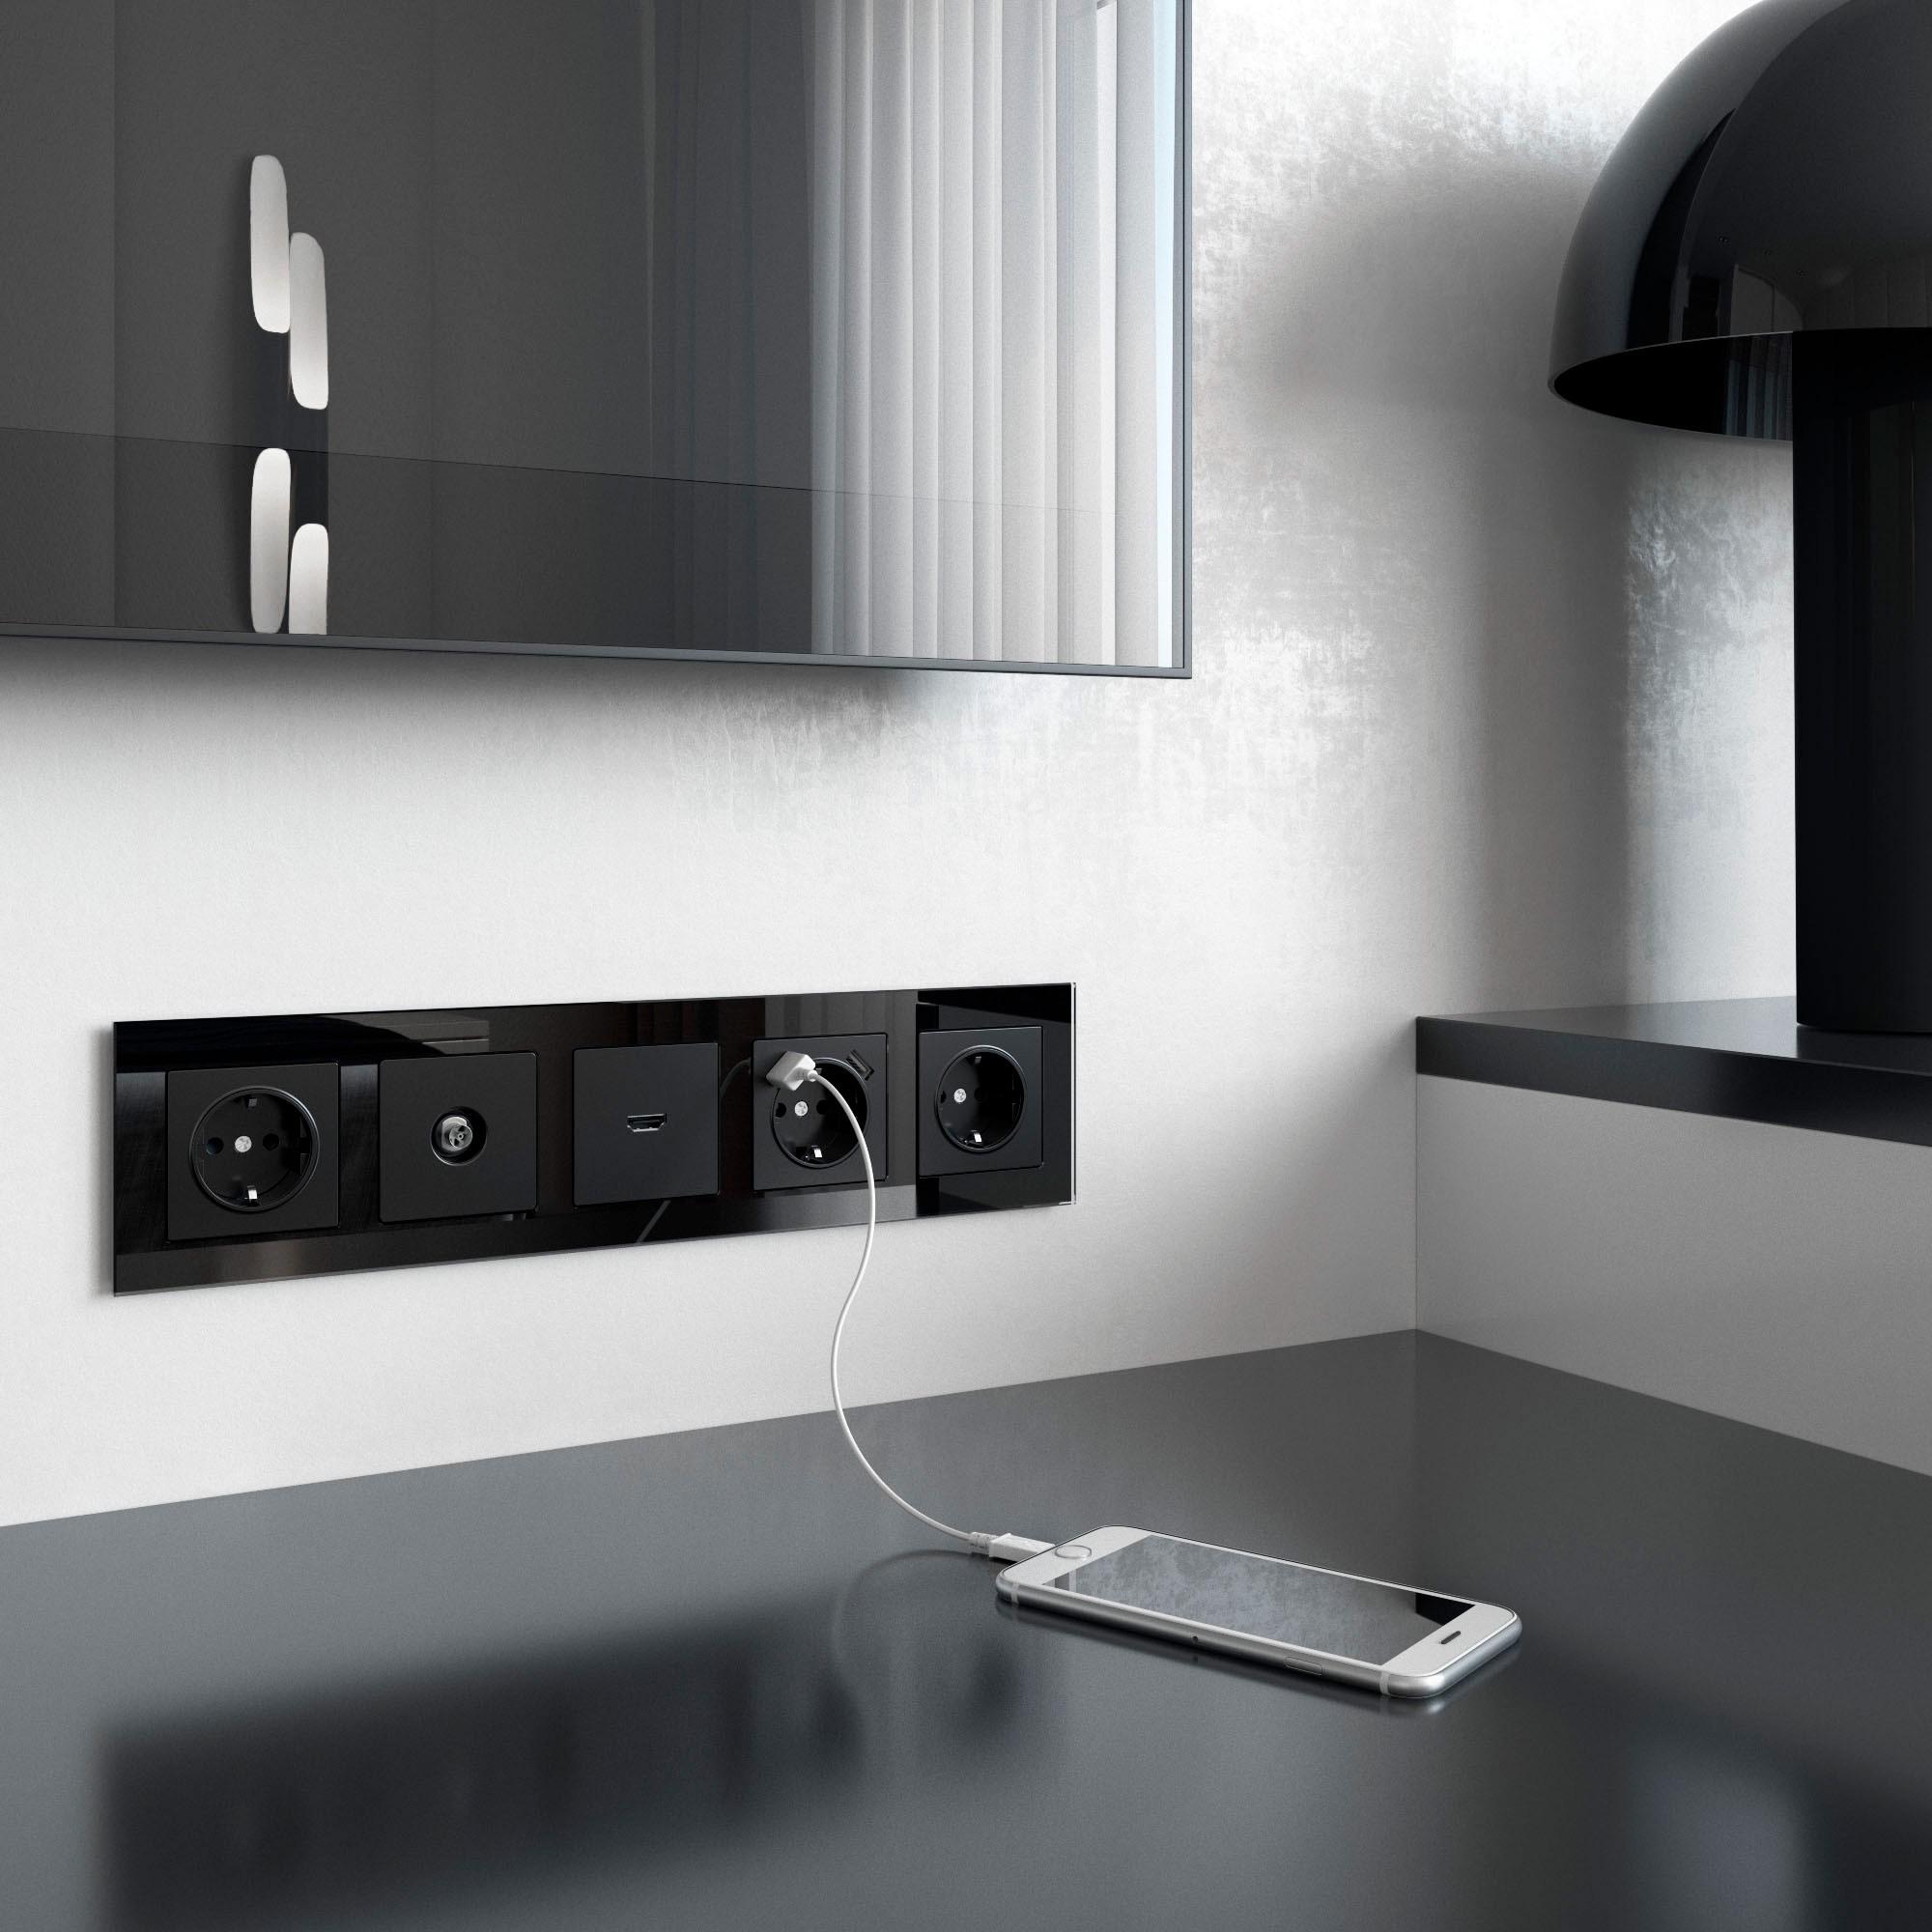 WL01-Frame-05 / Рамка на 5 постов (черный,стекло)